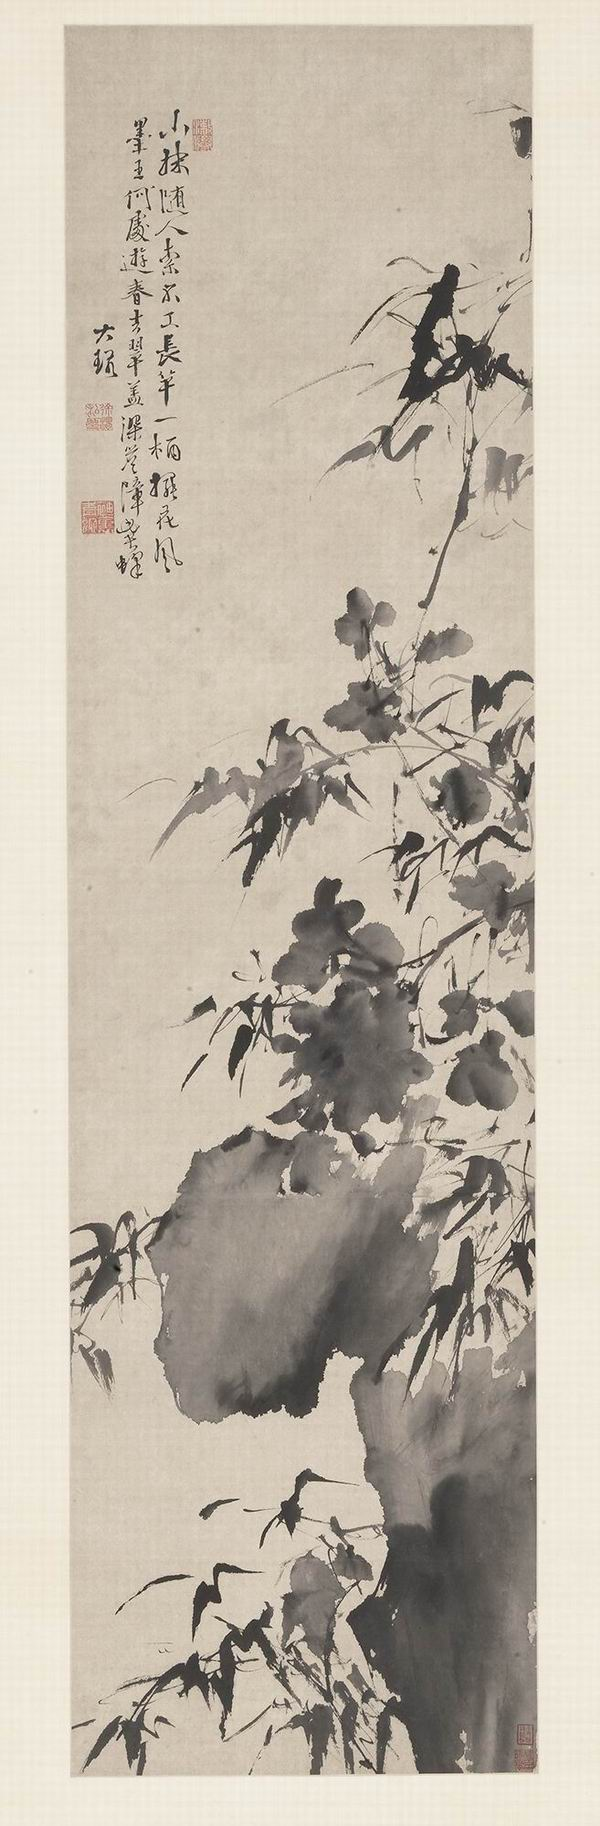 明 徐渭 竹石牡丹图轴